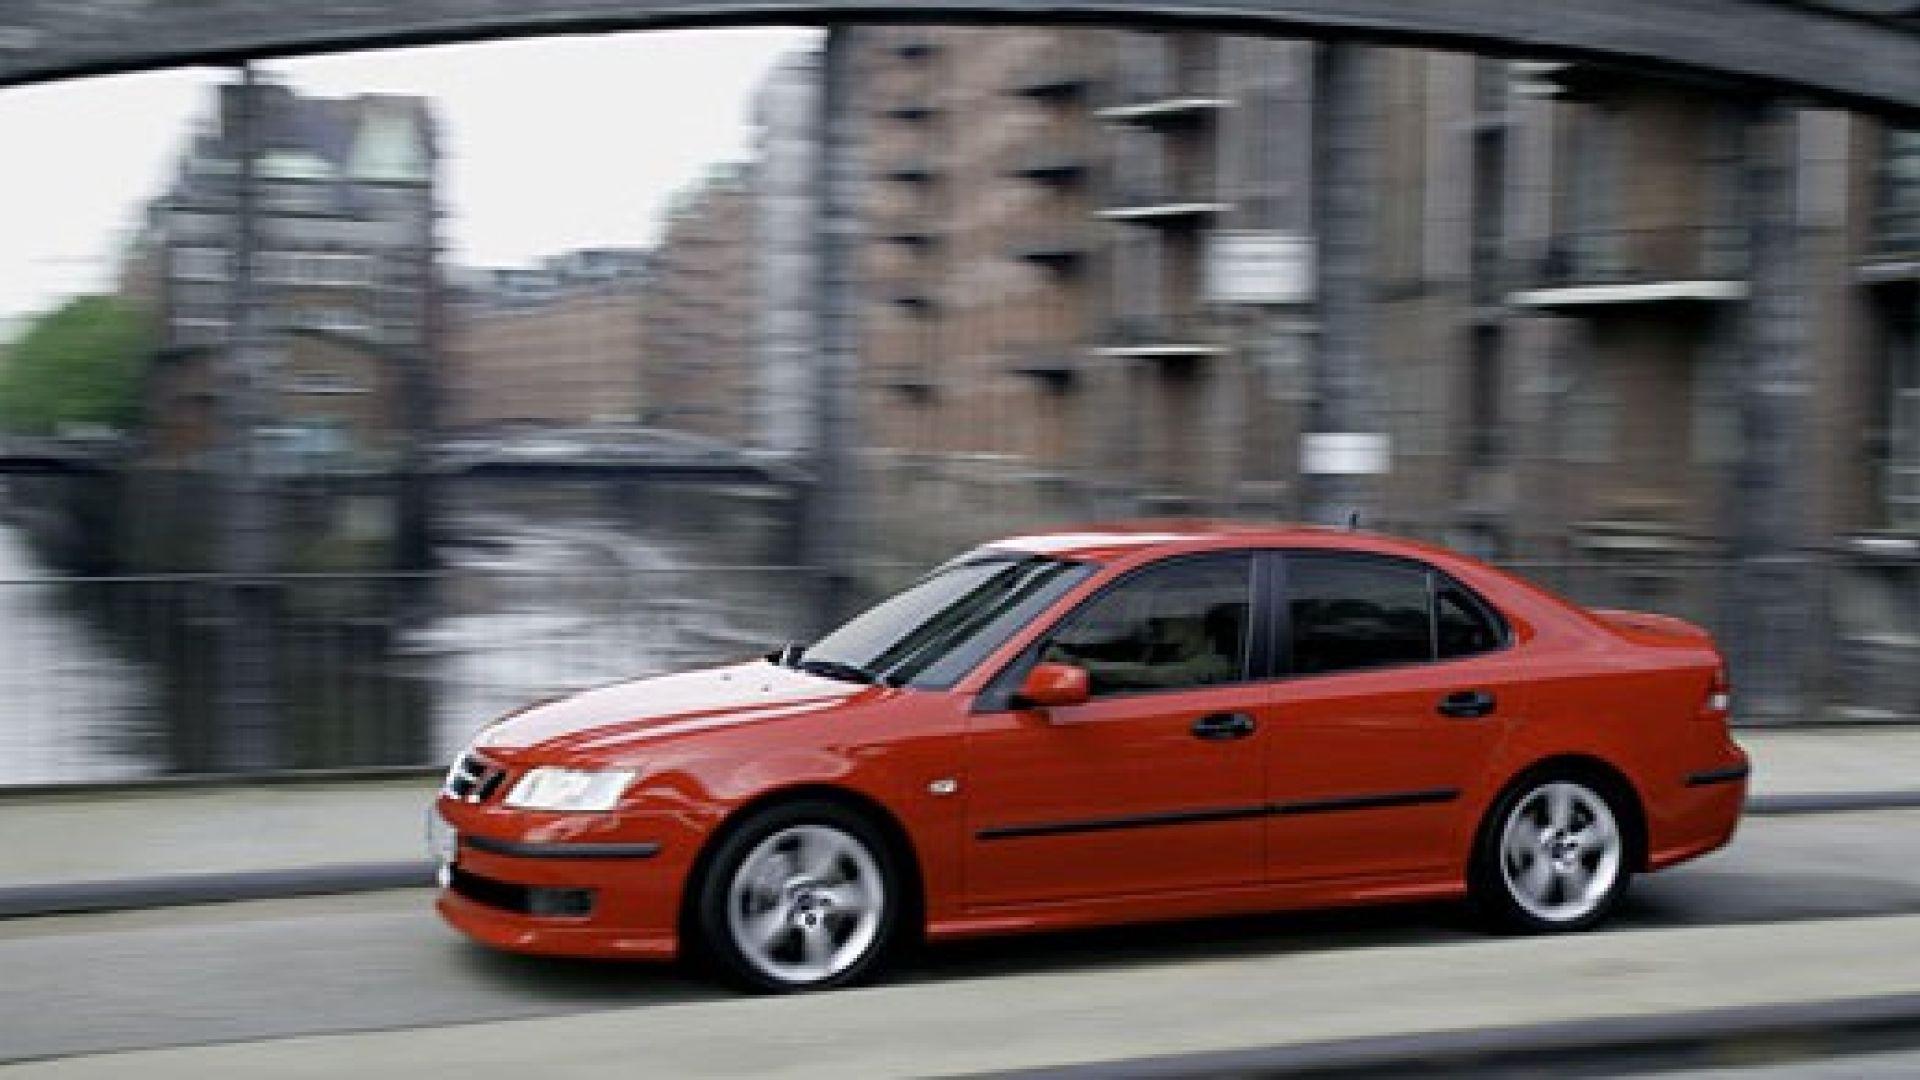 Immagine 19: Anteprima: Saab 9-3 1.9 TiD